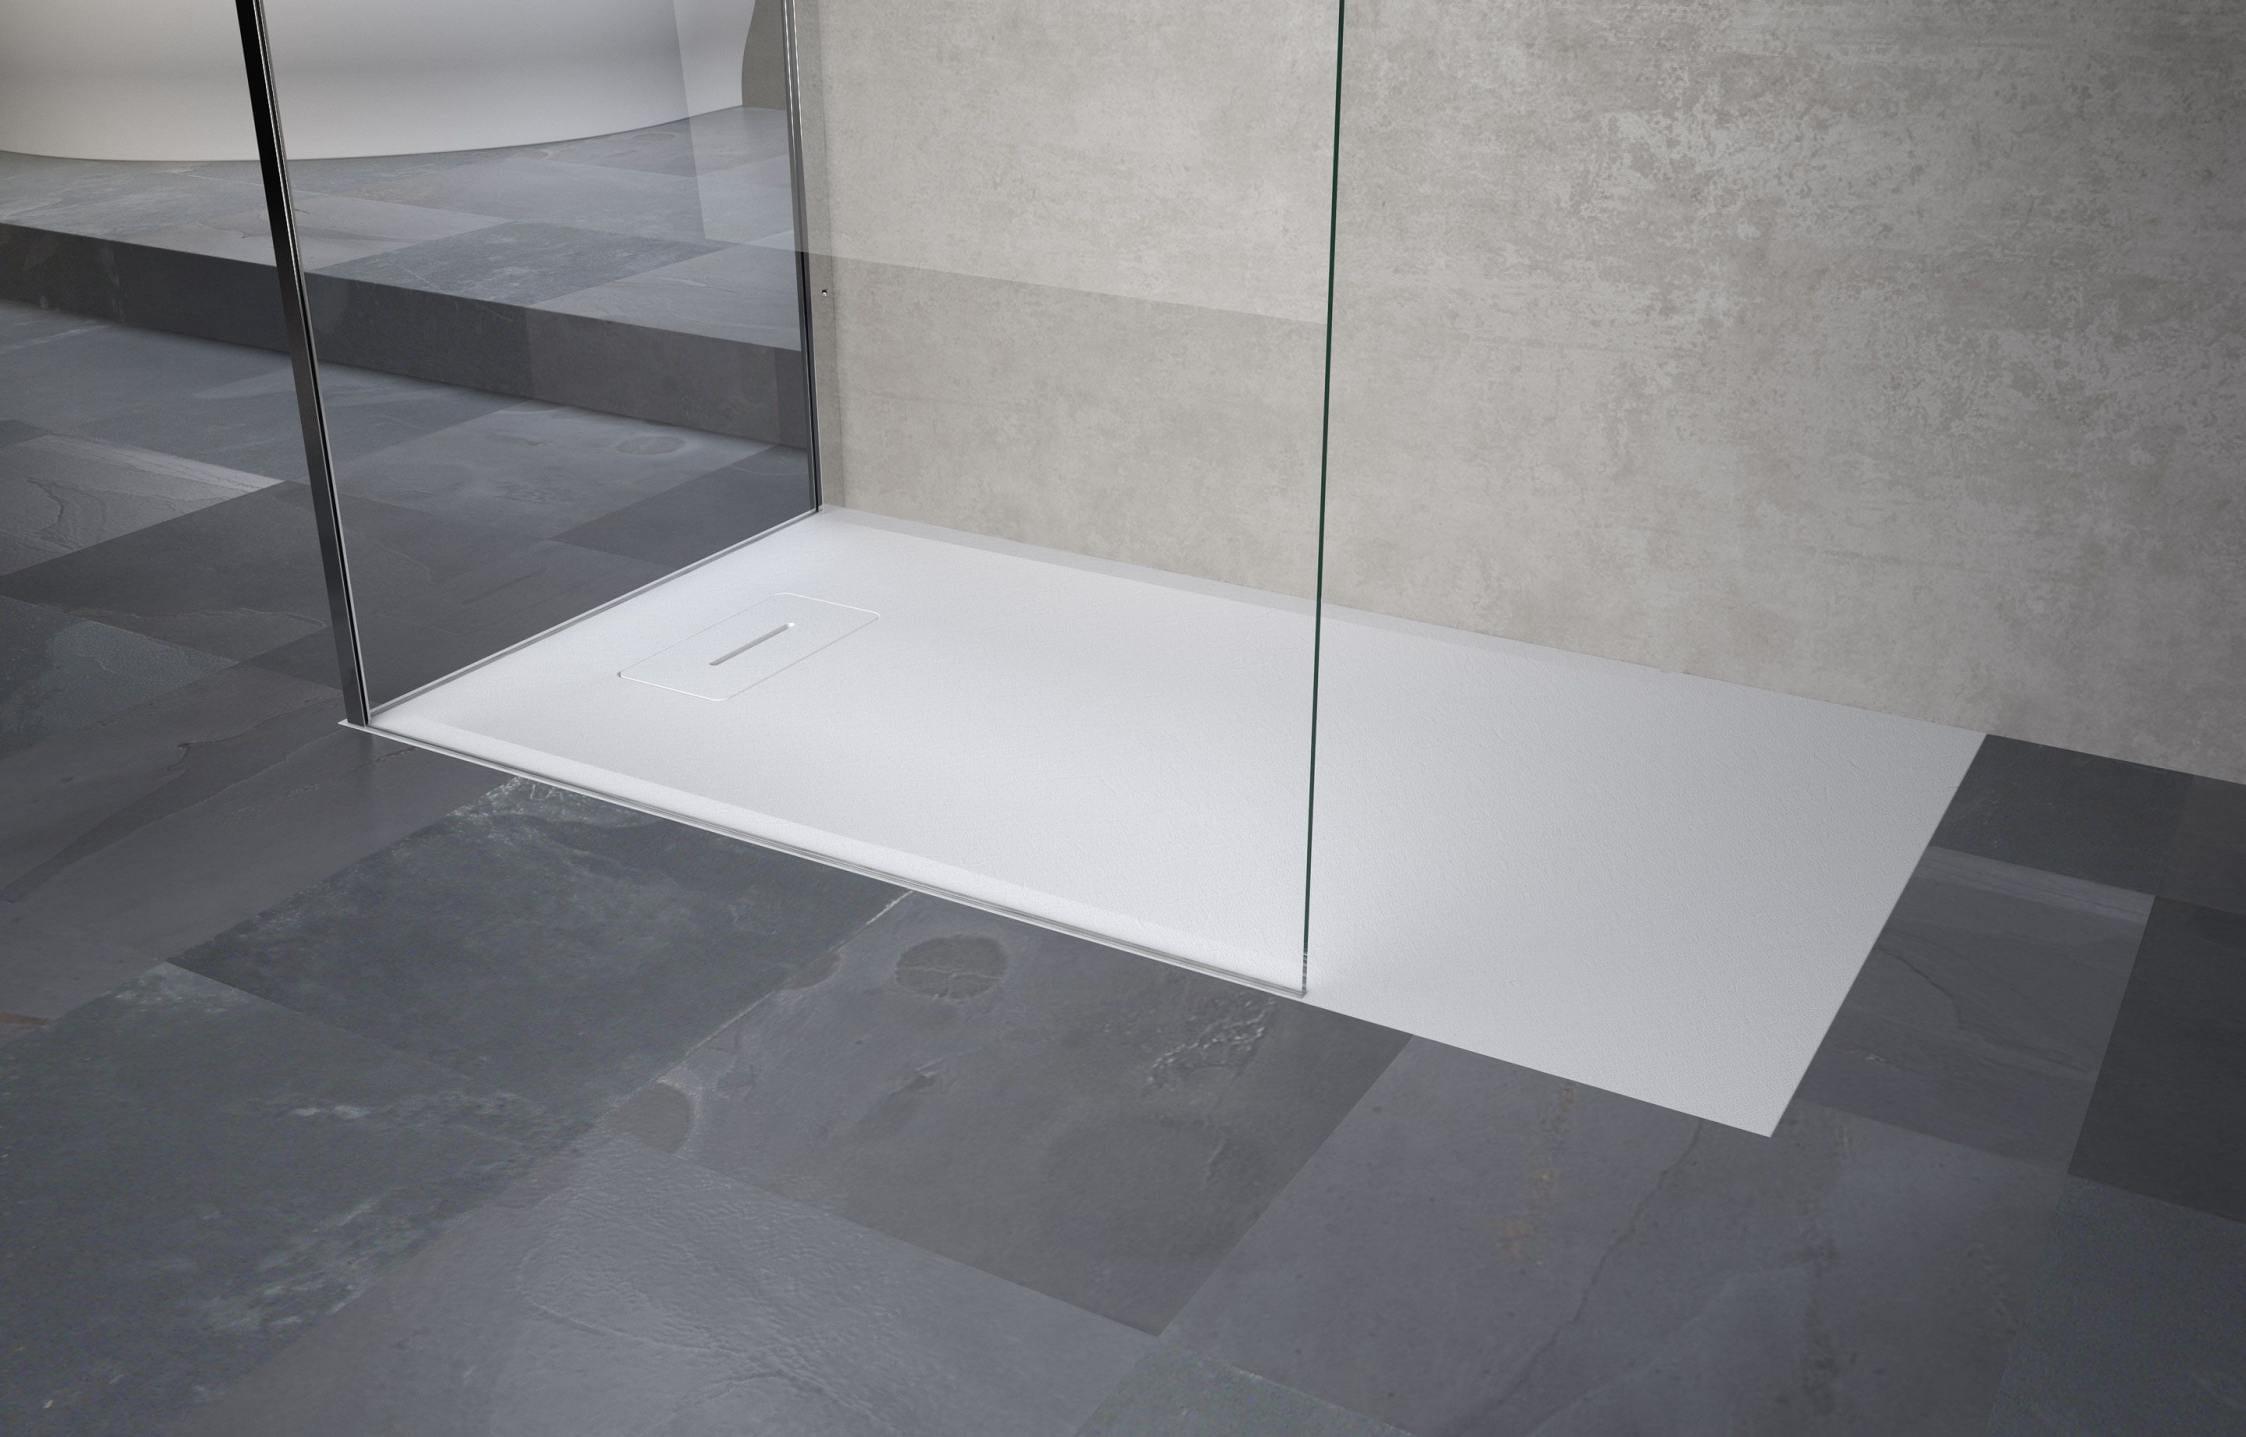 Piatto doccia filo pavimento andhome - Doccia a filo pavimento ...